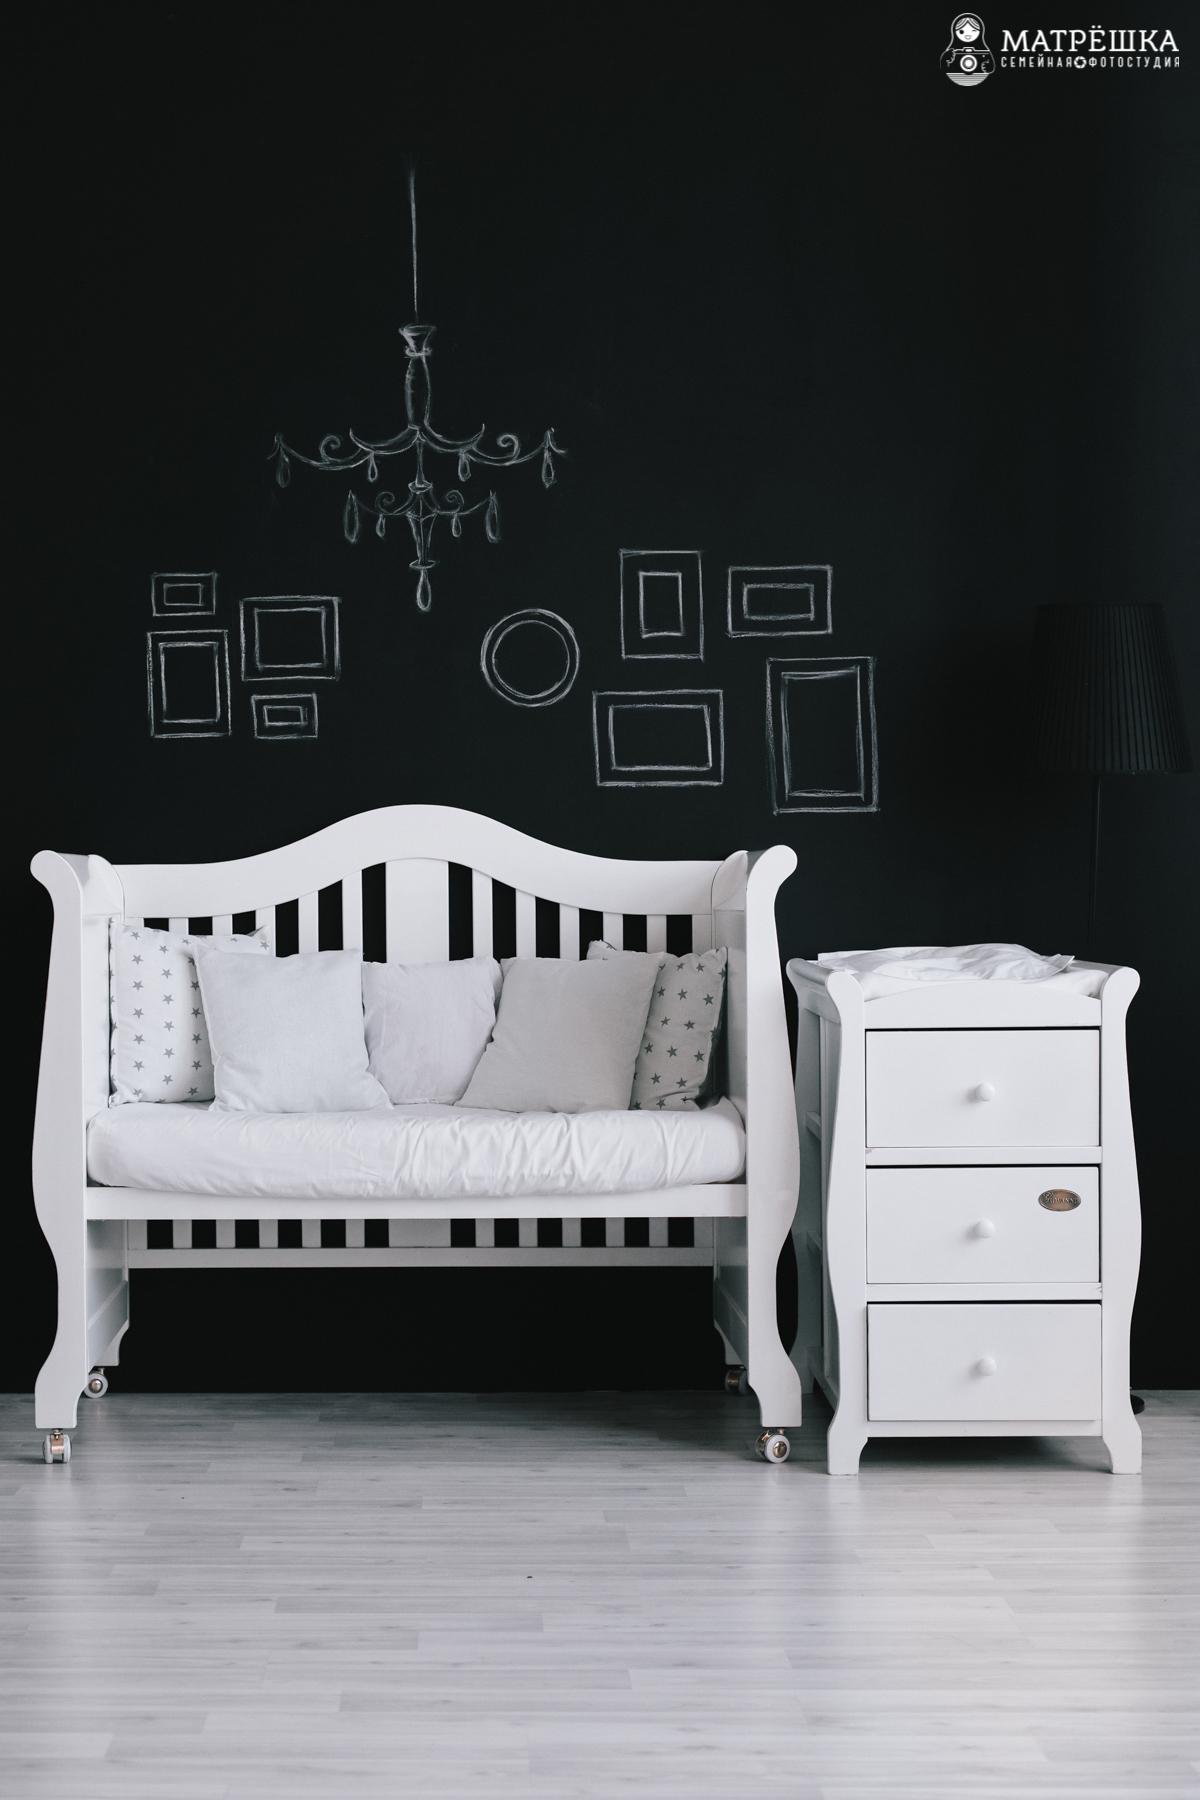 фотостудия с детской кроваткой